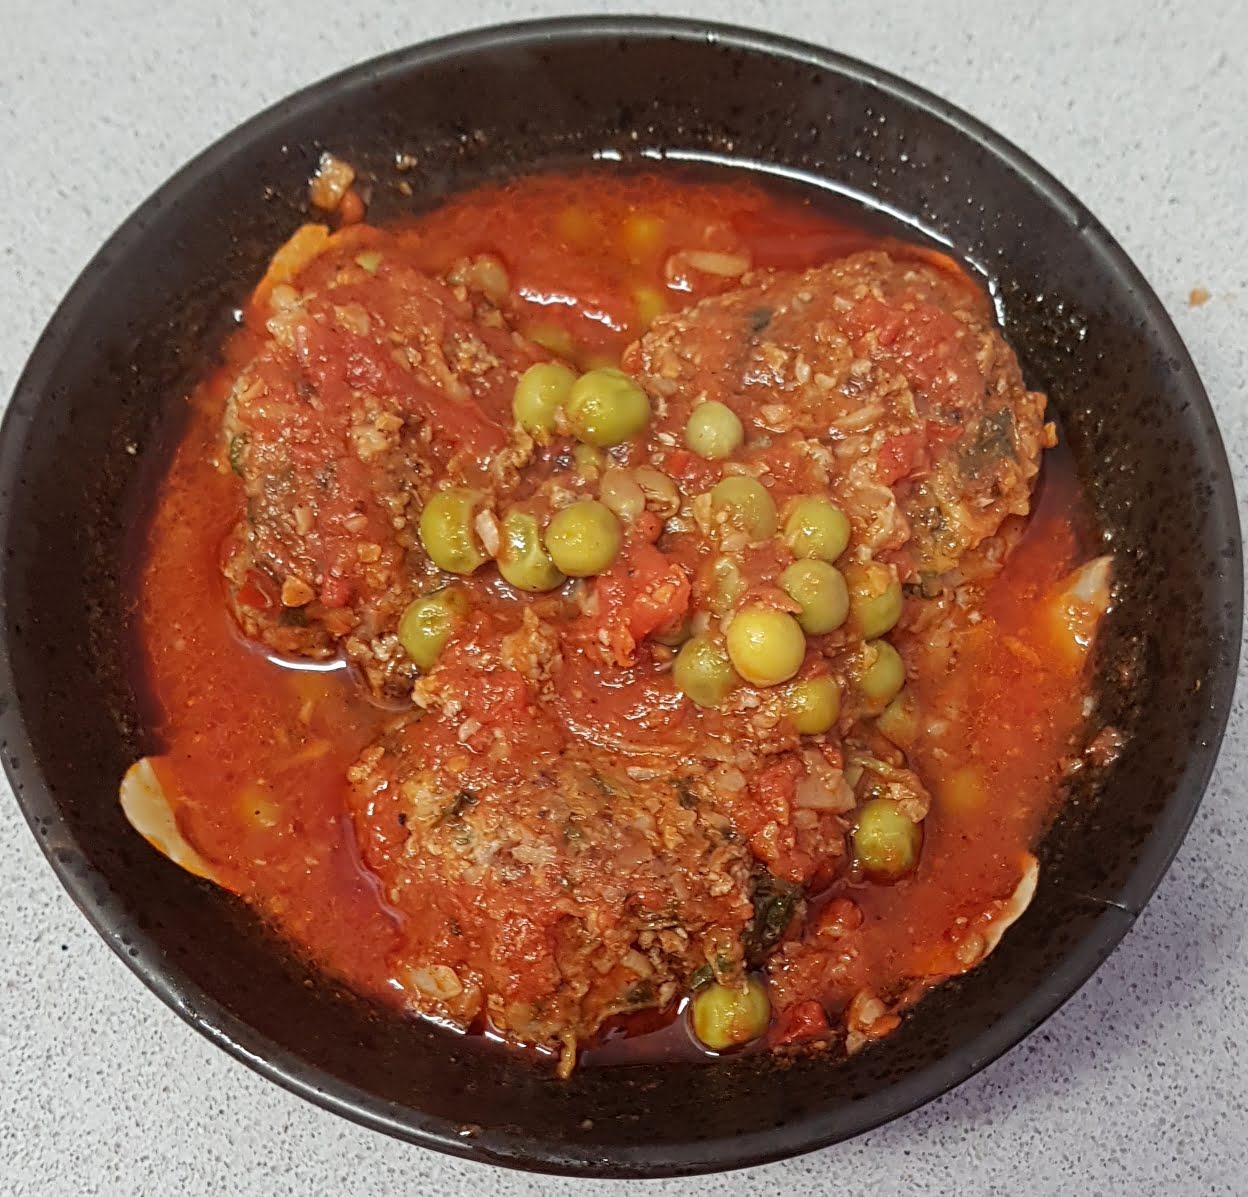 קציצות בשר וירקות עם אפונה ברוטב עגבניות